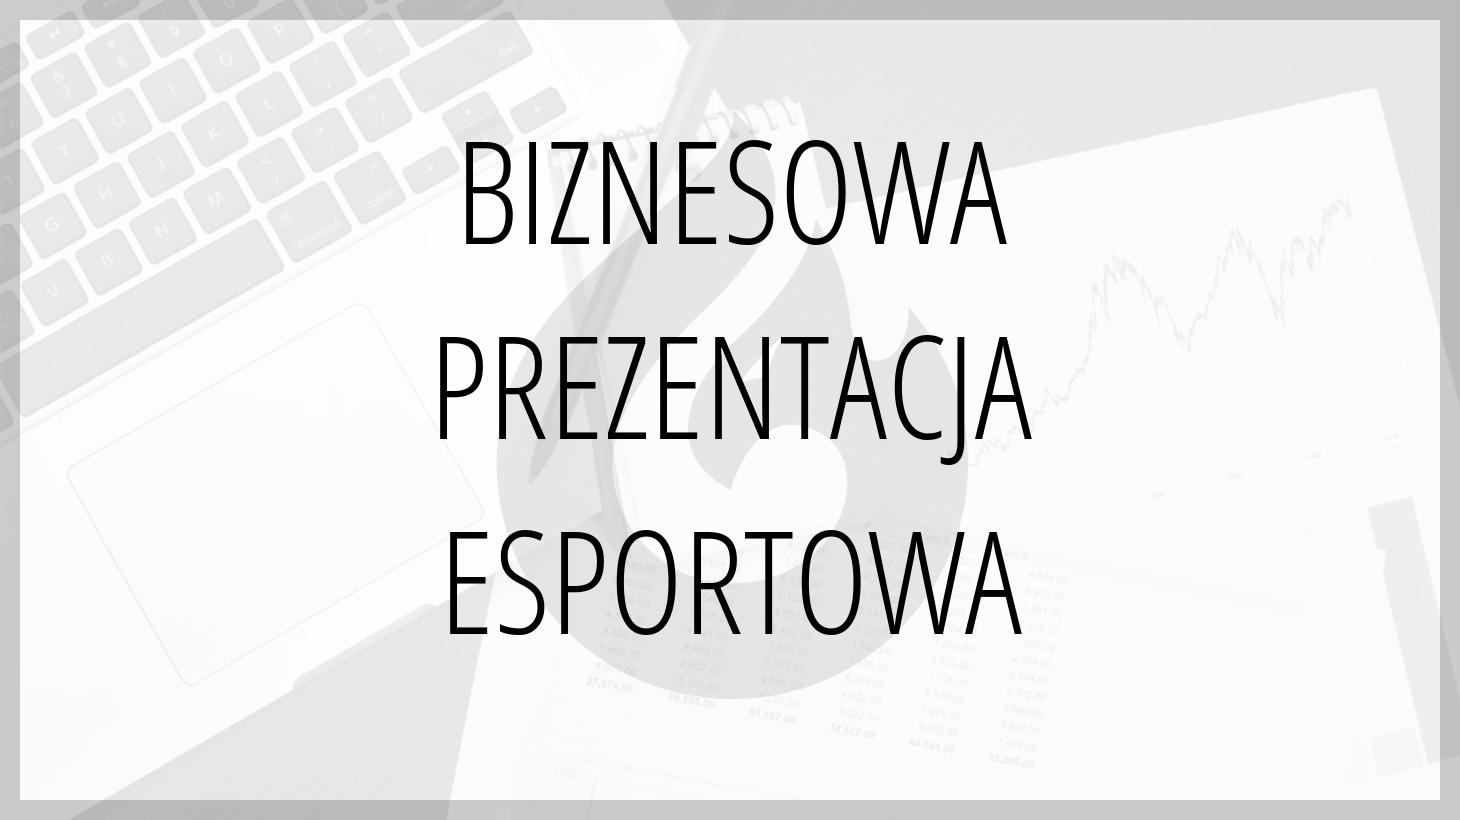 biznesowa prezentacja esportowa